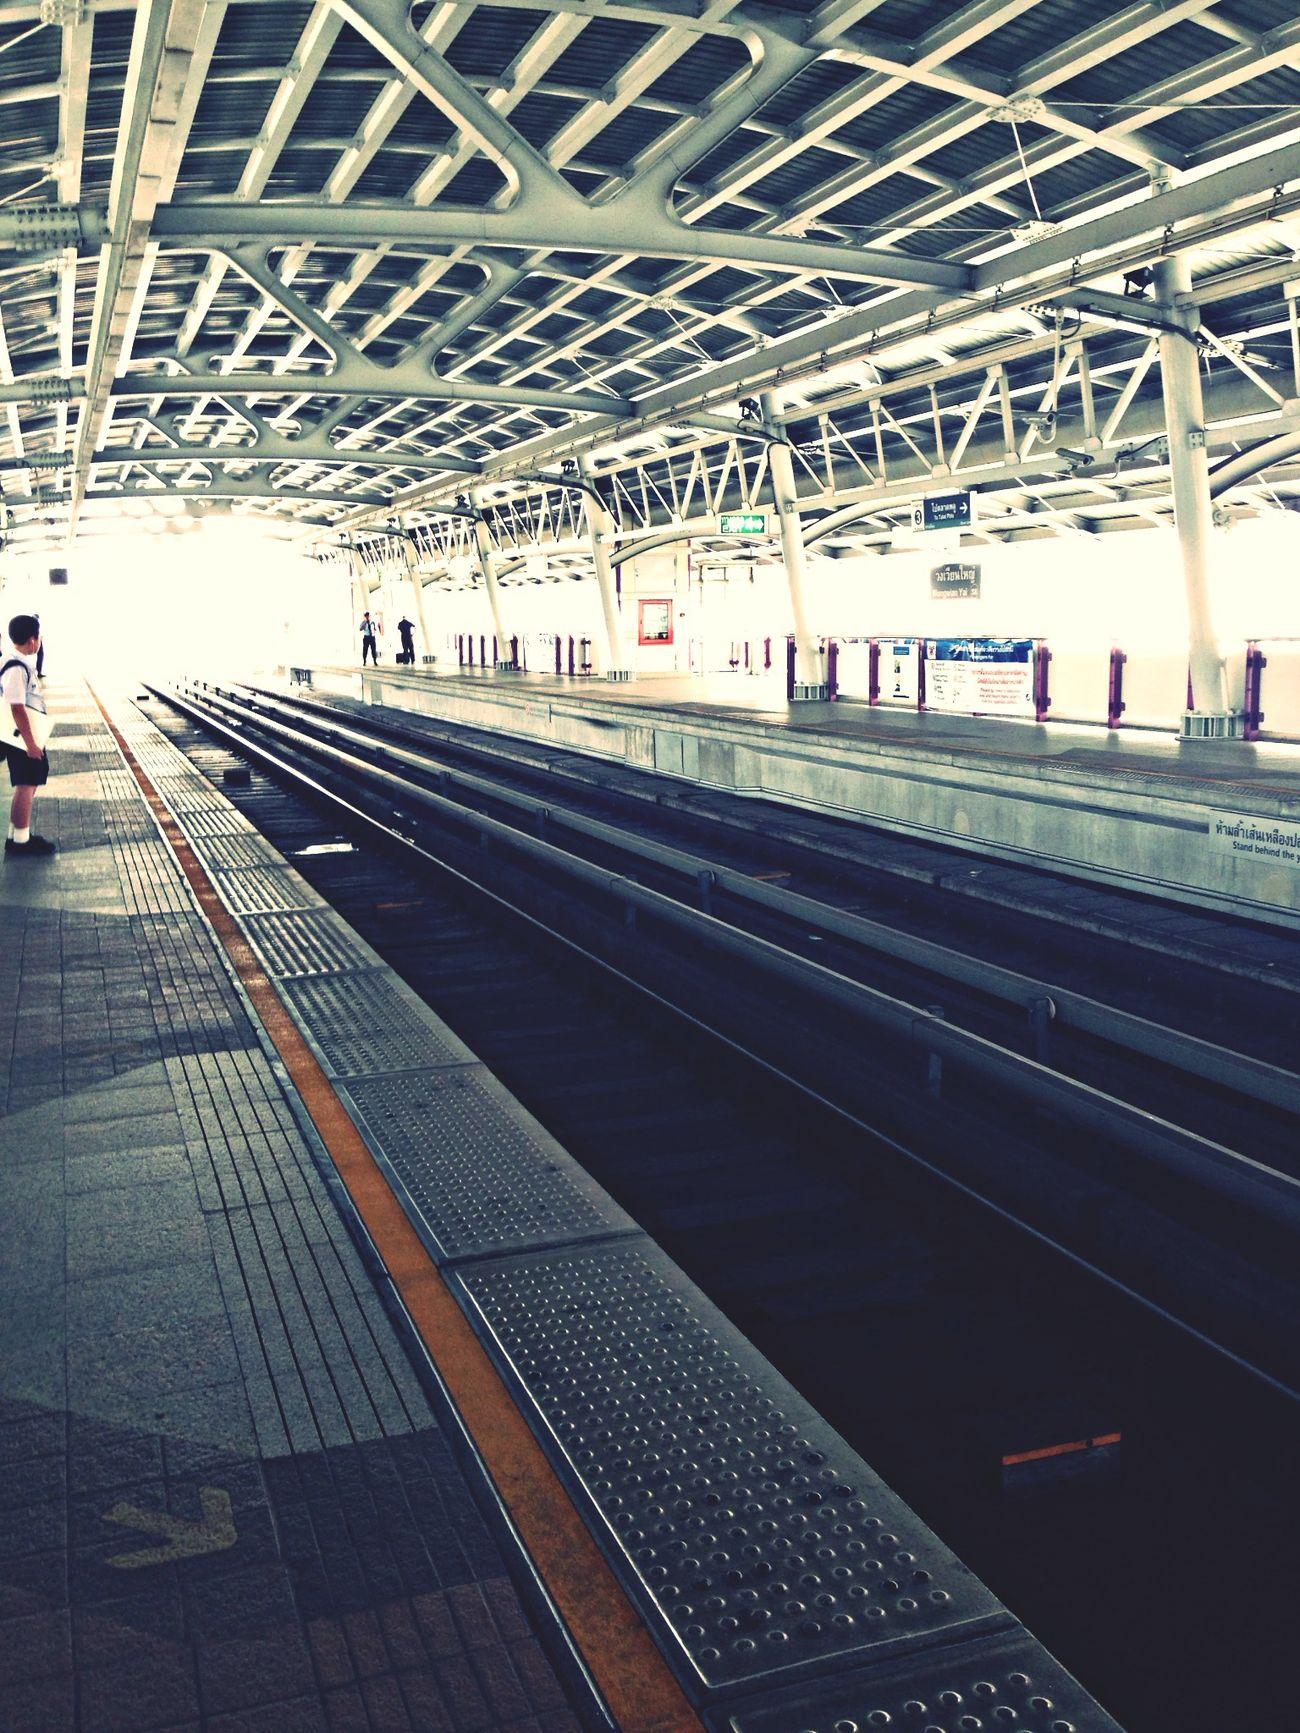 let it go! Subway